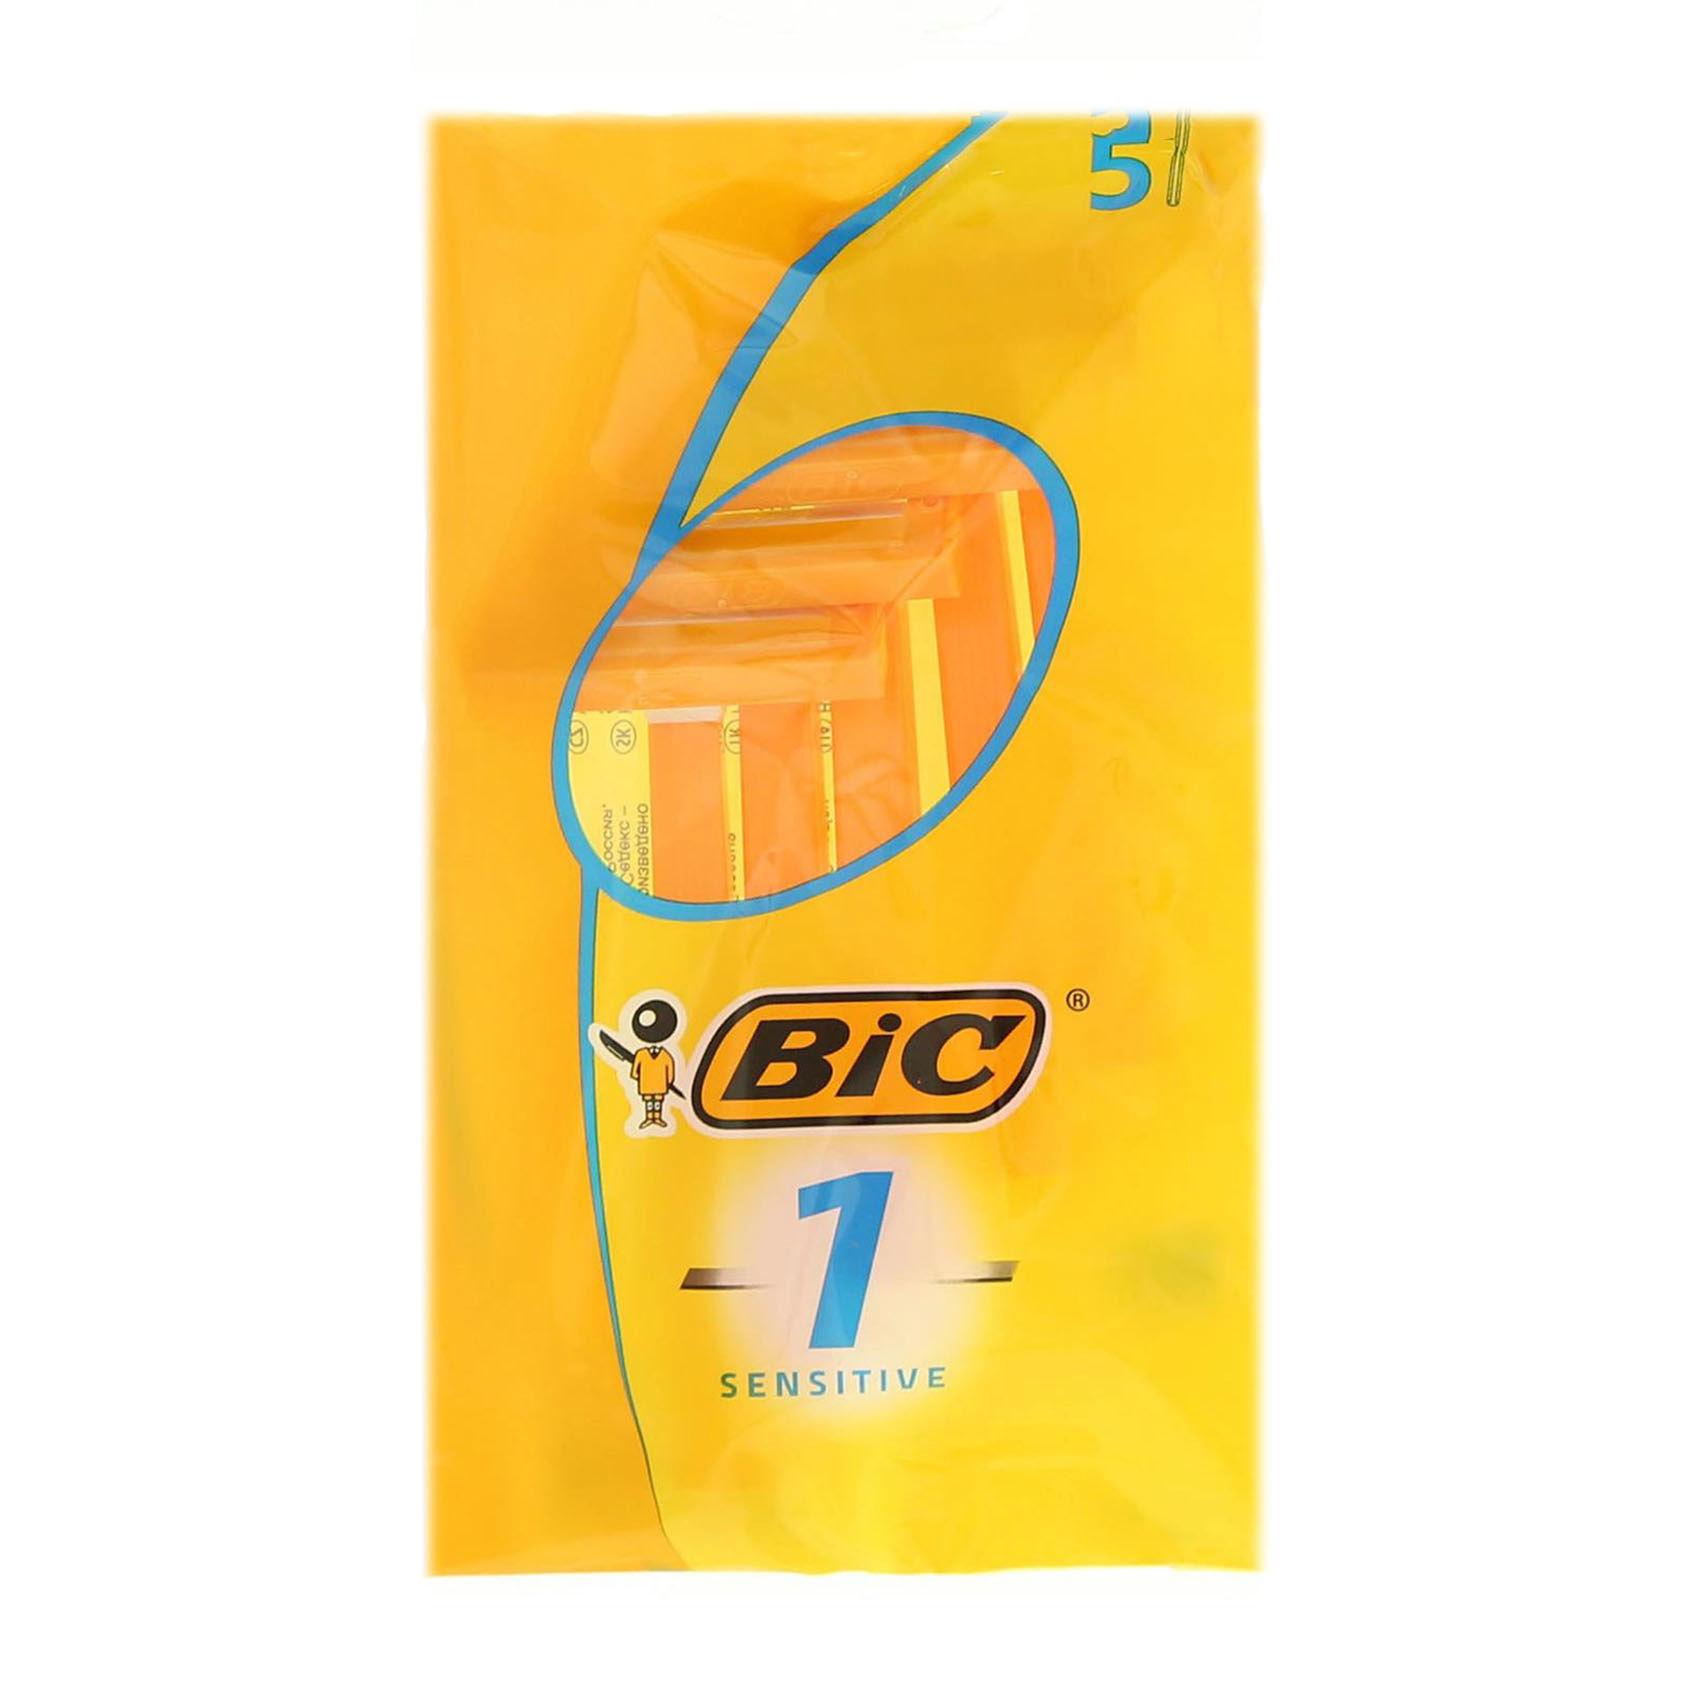 BIC 1 SENS POUCH 6PC VALUE PACK